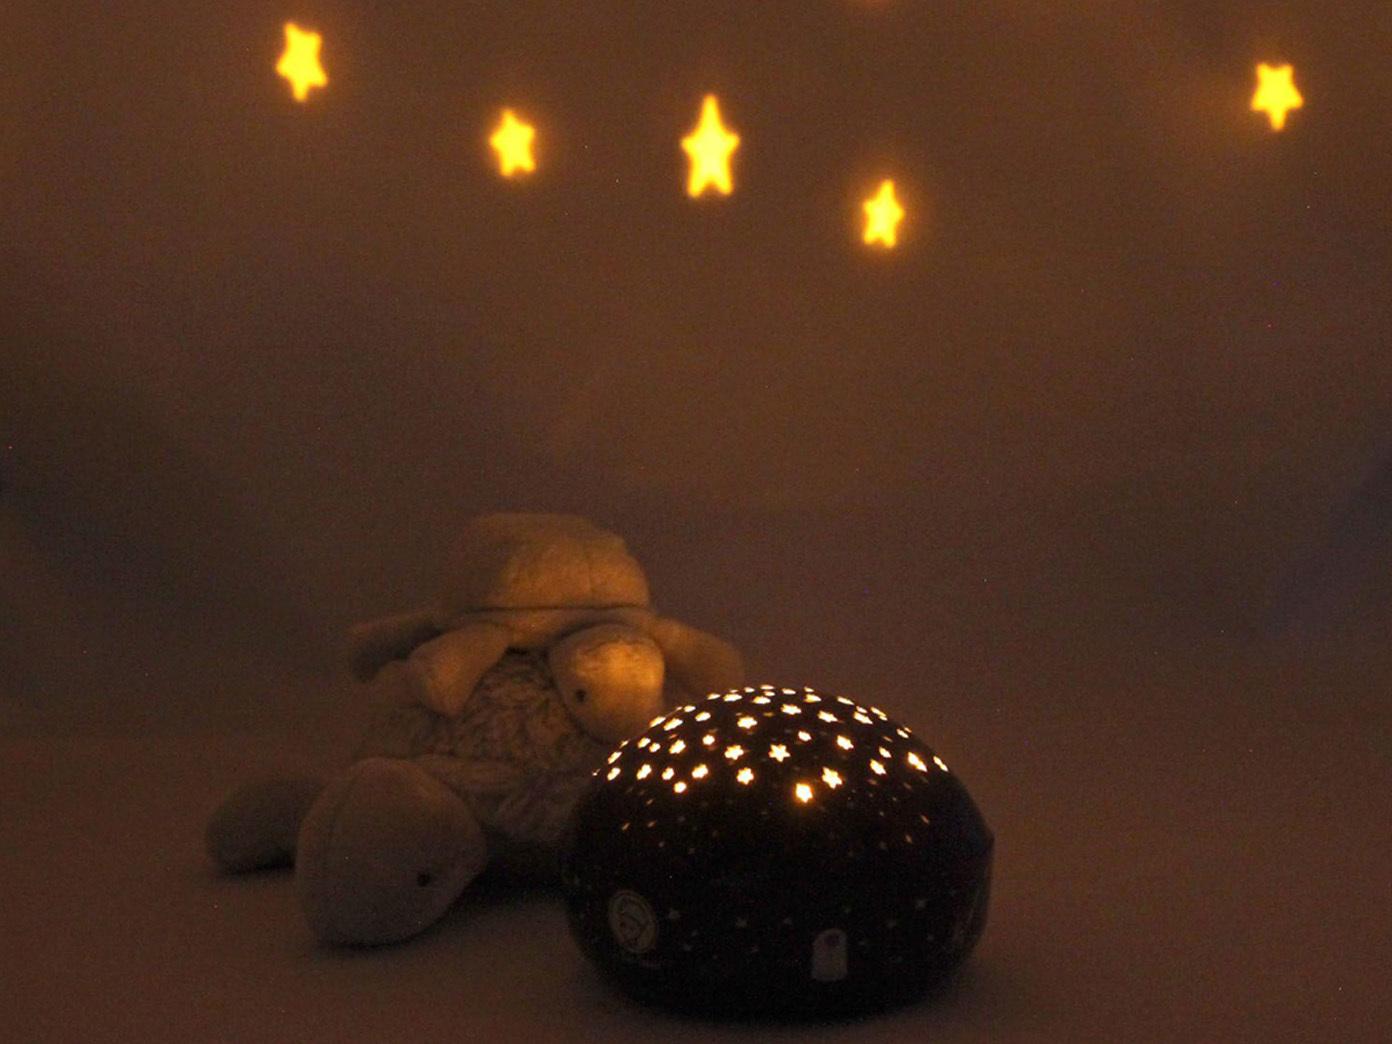 Full Size of Sternenhimmel Kinderzimmer Nachtlicht Der Kleine Prinz Nachtlampe Led Bunt Regal Weiß Regale Sofa Kinderzimmer Sternenhimmel Kinderzimmer